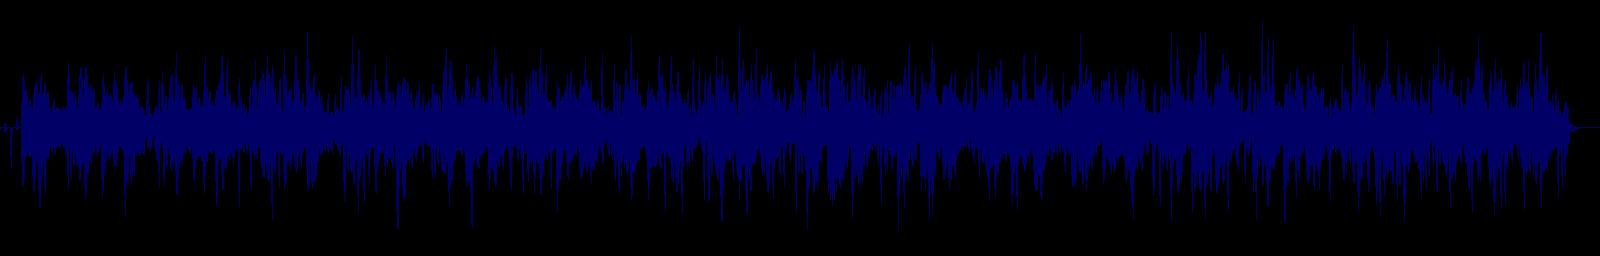 waveform of track #135016